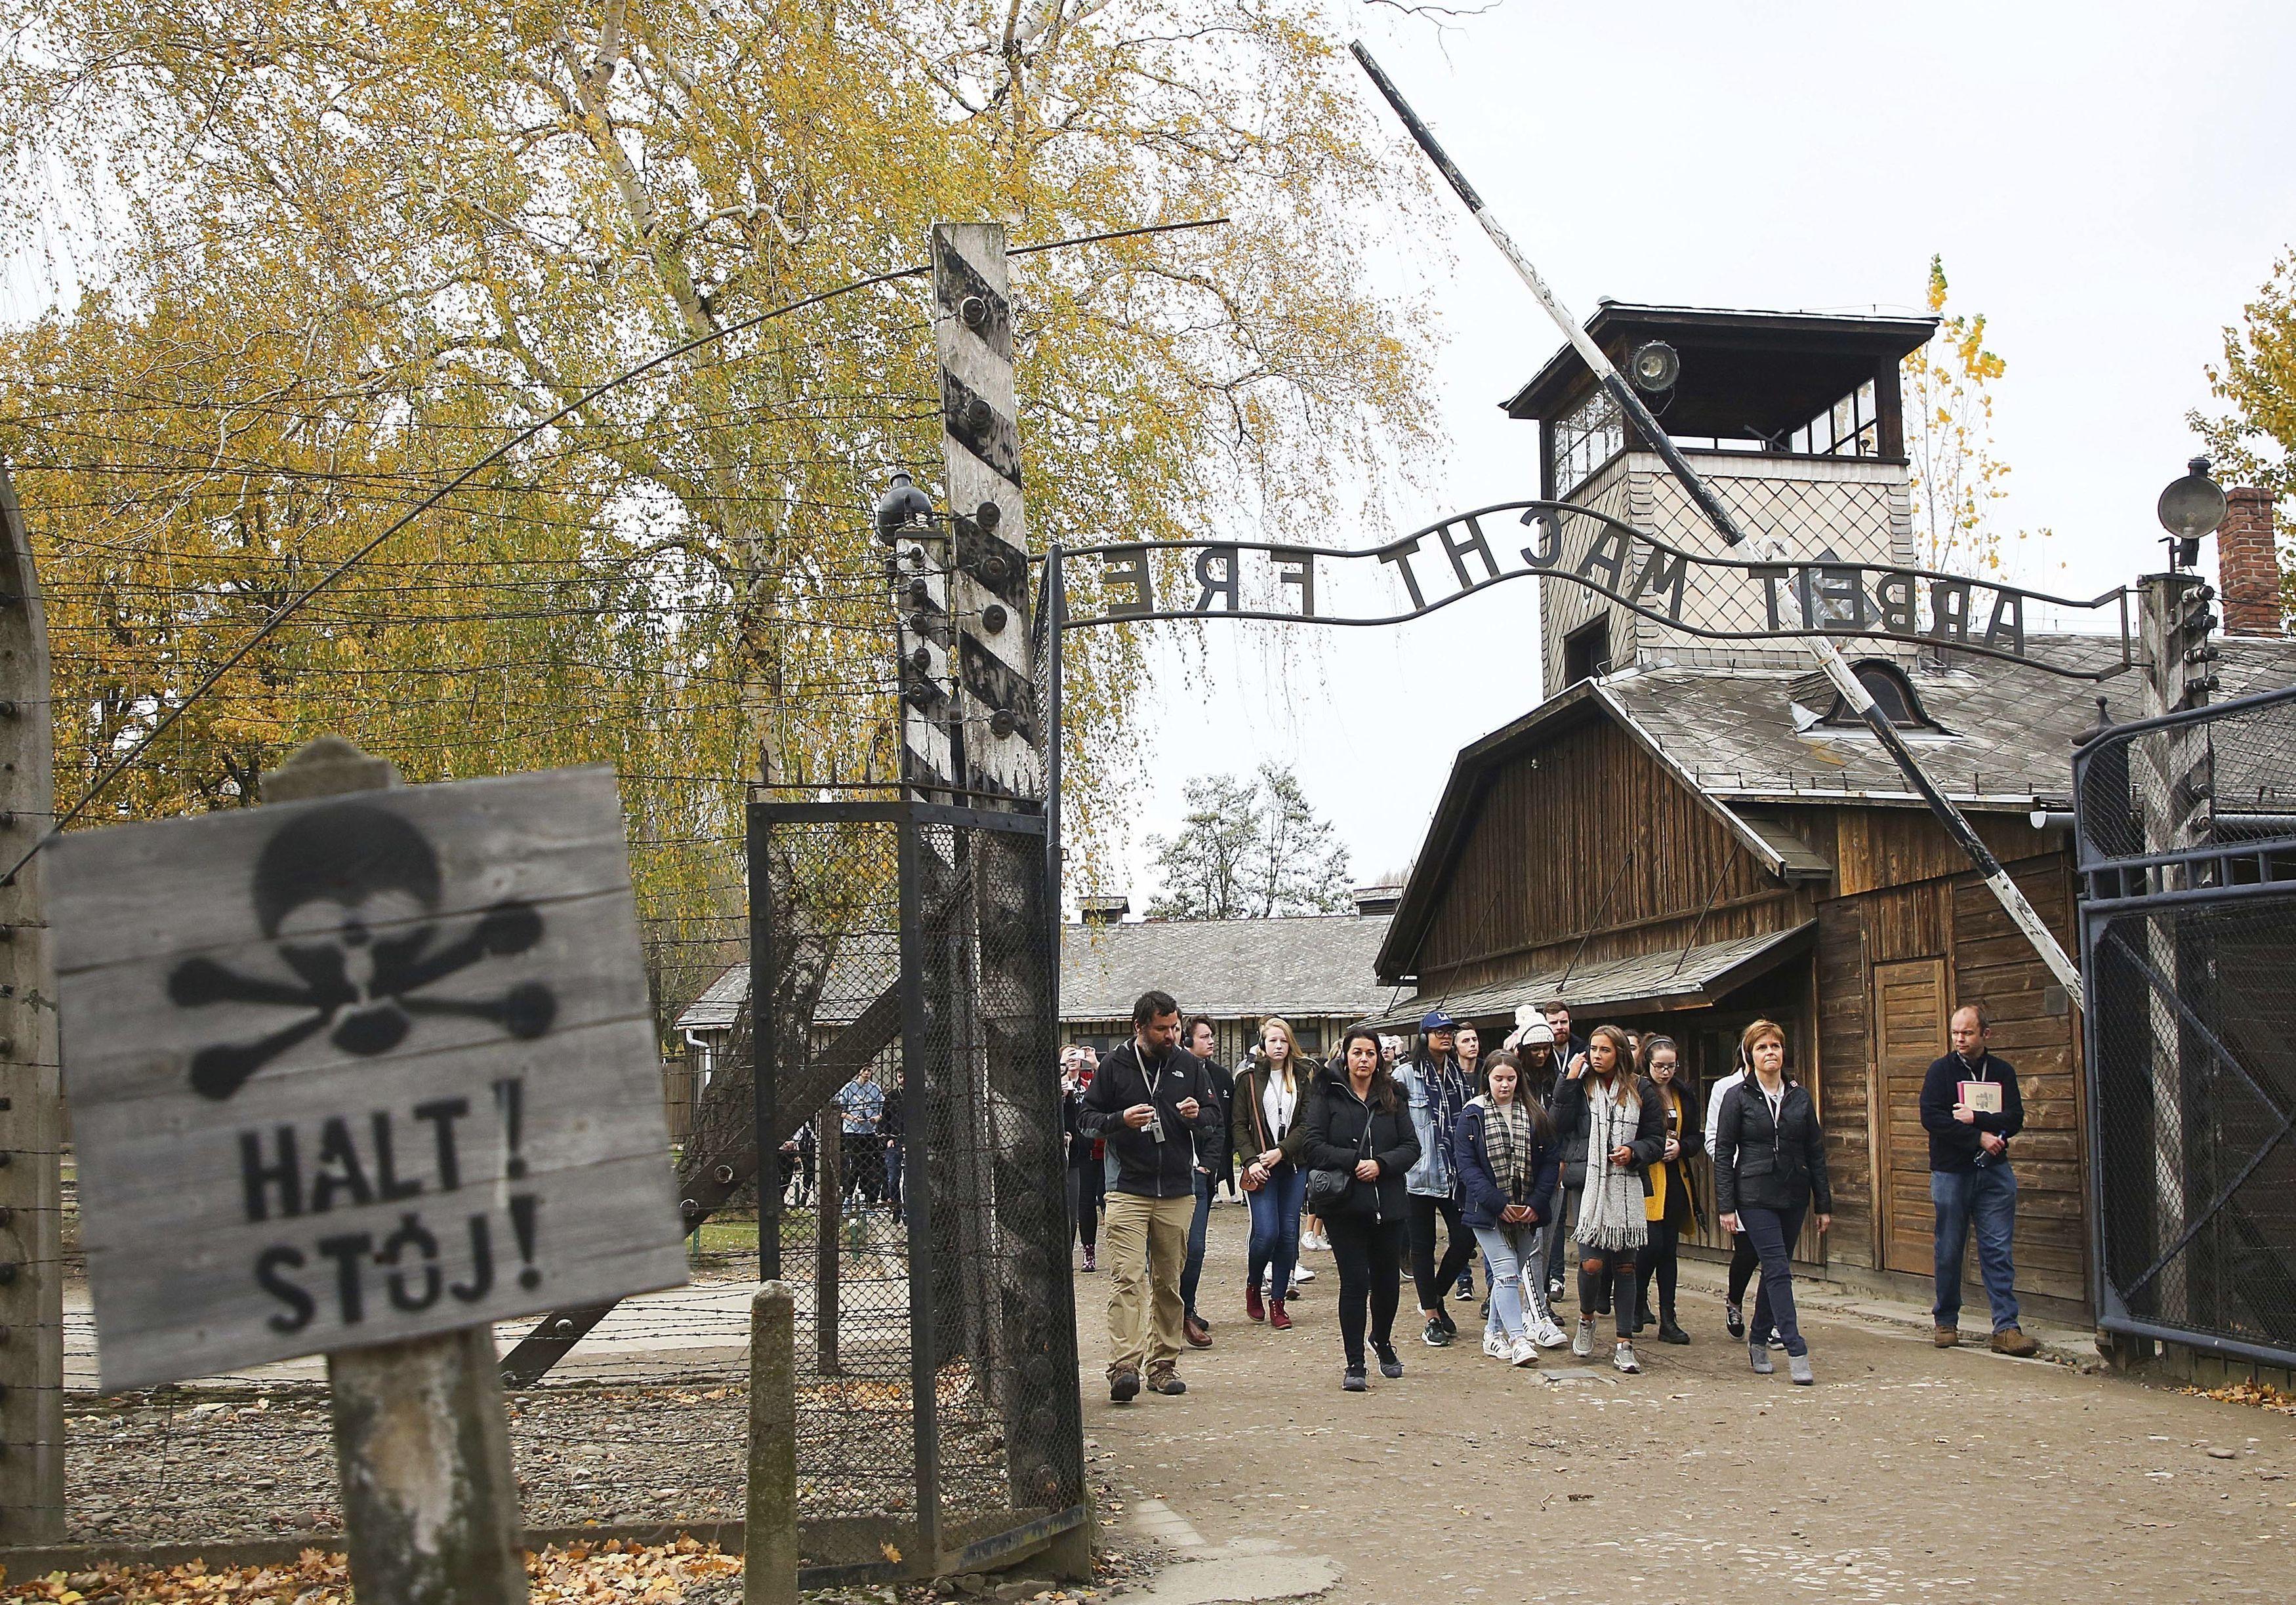 Auschwitz-Birkenau (AP Photo/Beata Zawrzel)